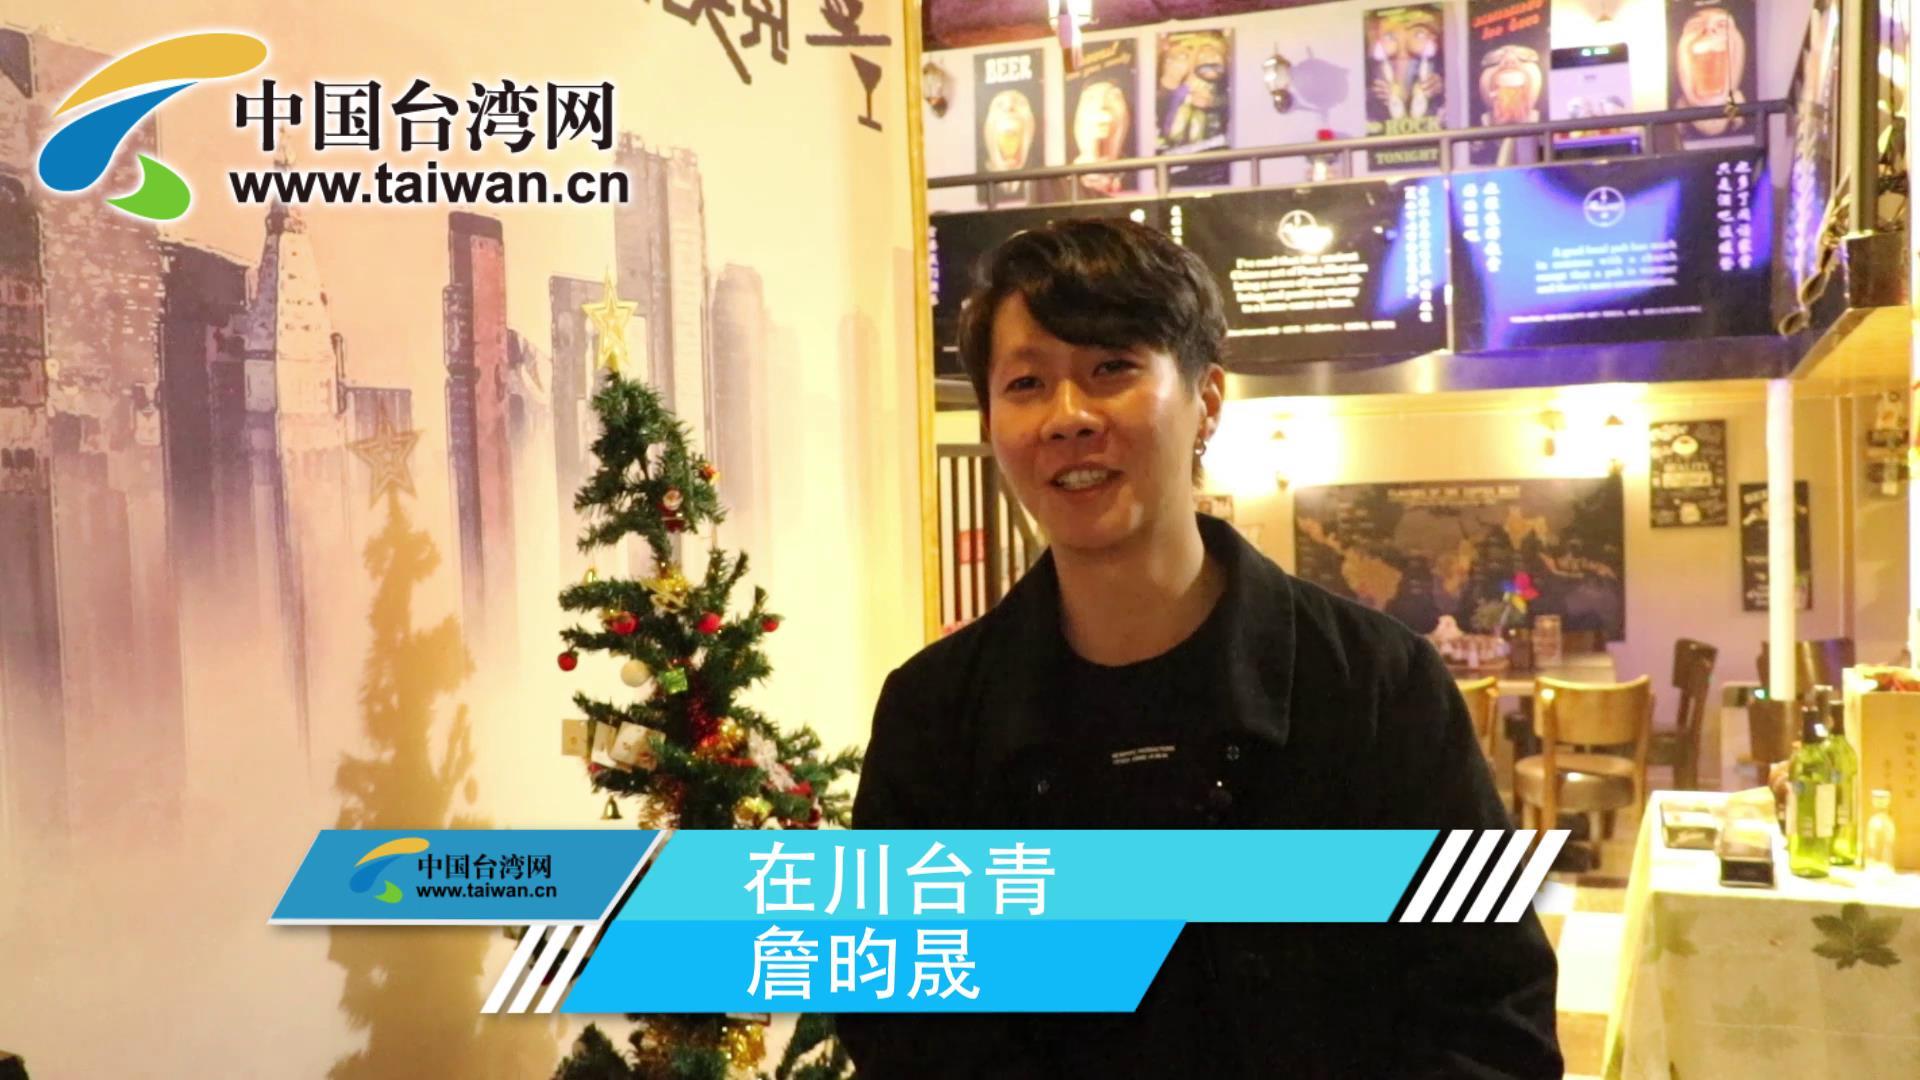 台湾90后小伙:四川女孩很漂亮,缘分到了会走到一起图片